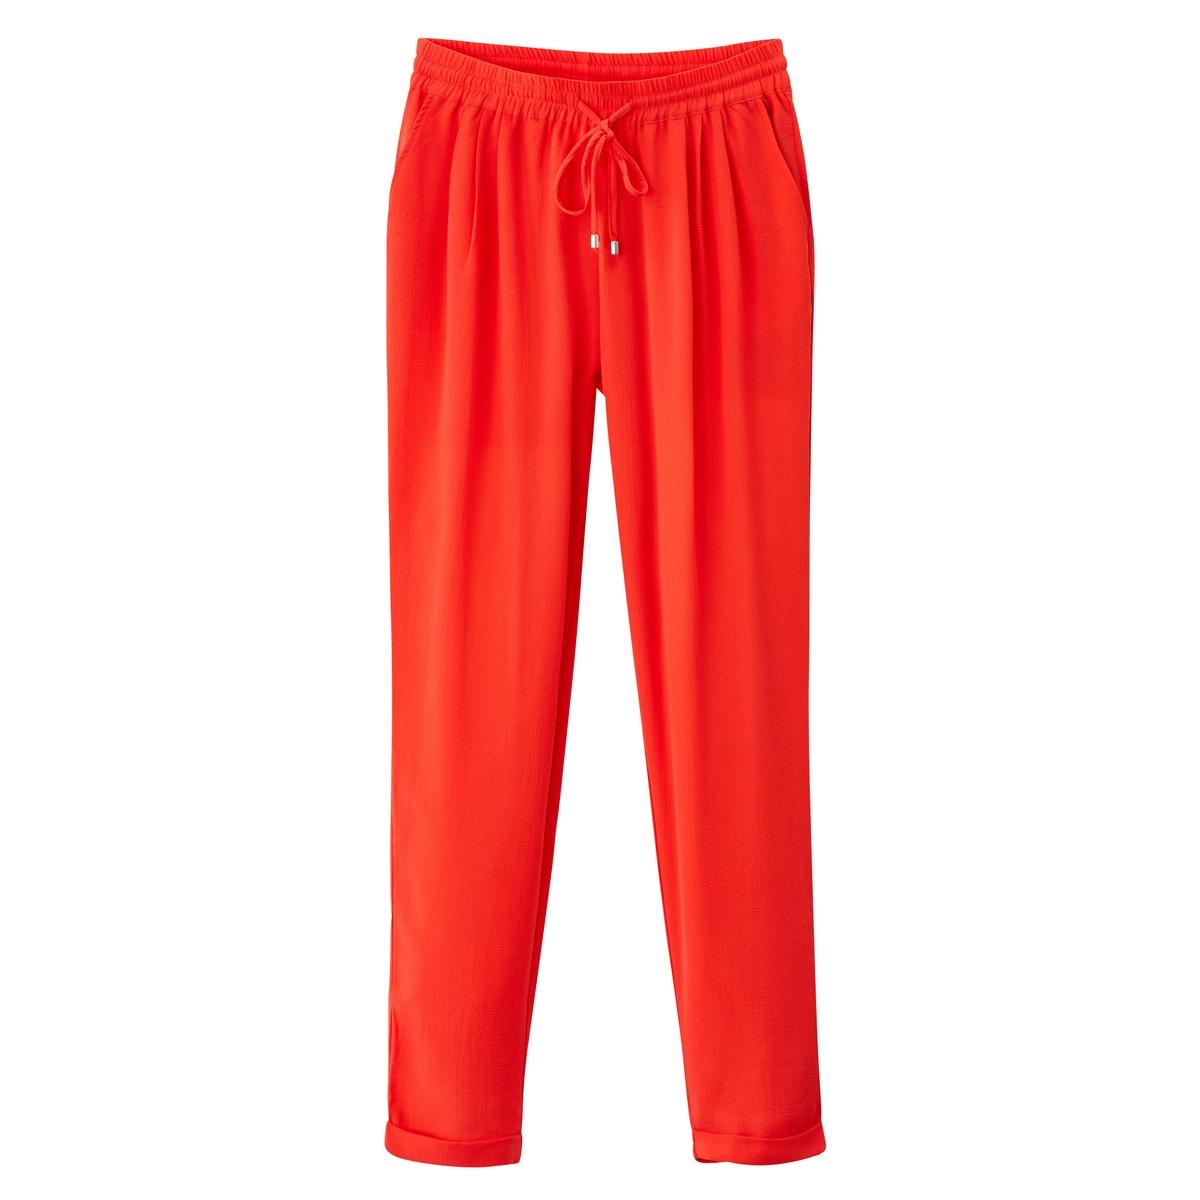 Брюки спортивные из струящейся тканиМатериал : 100% полиэстер Рисунок : однотонная модель  Высота пояса : стандартная Покрой брюк : спортивные брюки<br><br>Цвет: коралловый<br>Размер: M/L